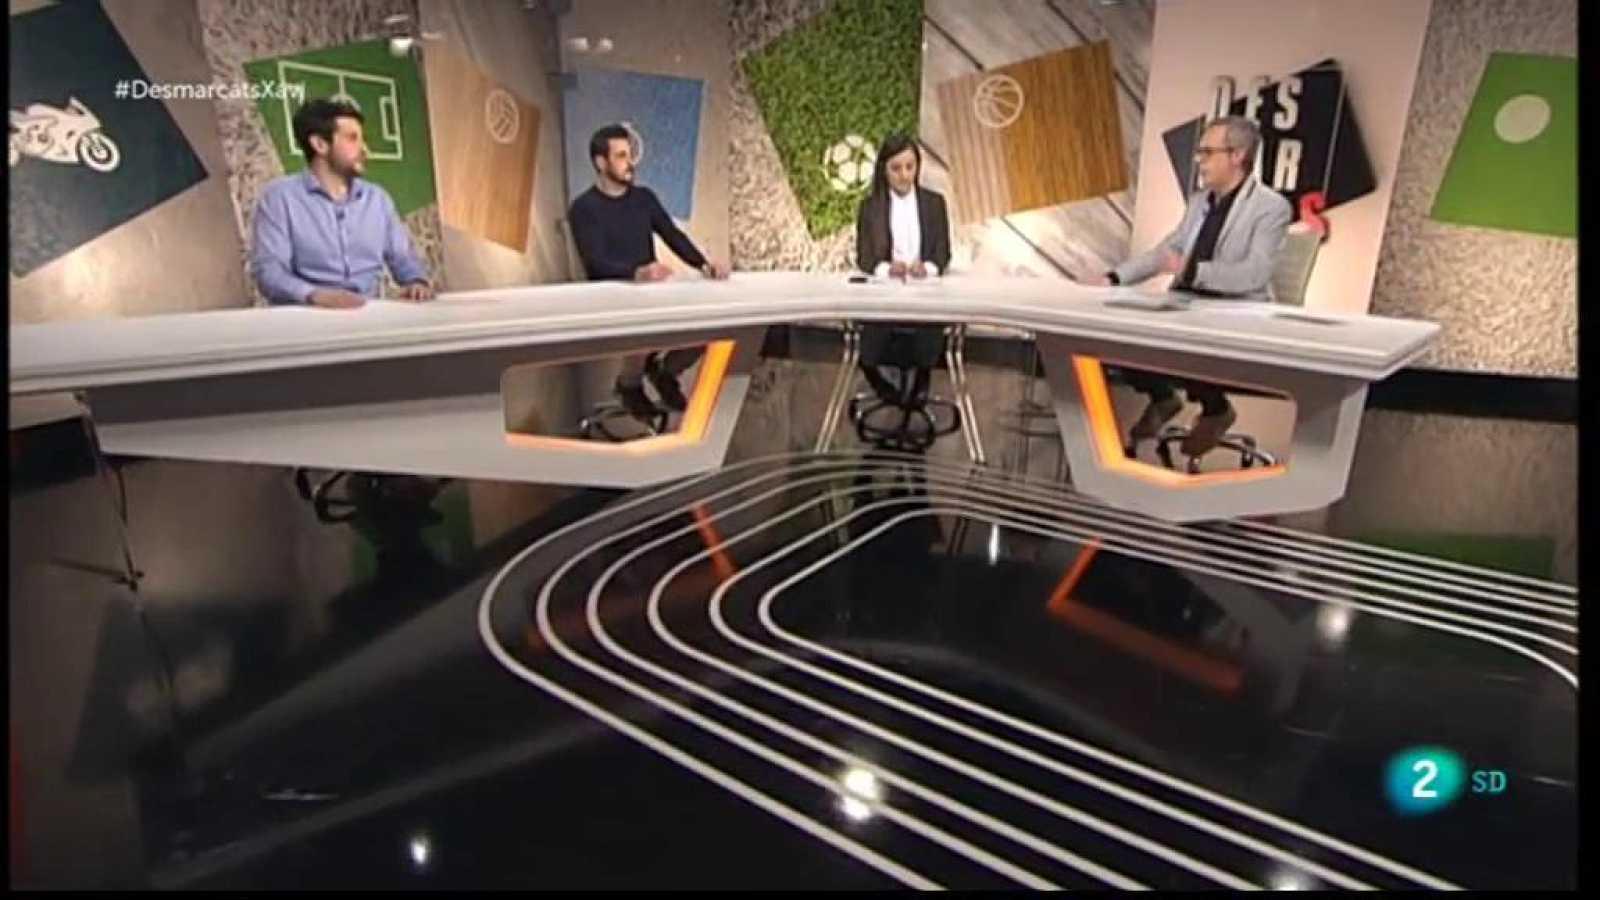 Desmarcats - Tertúlia Esportiva. Xavi s'exclou de la campanya